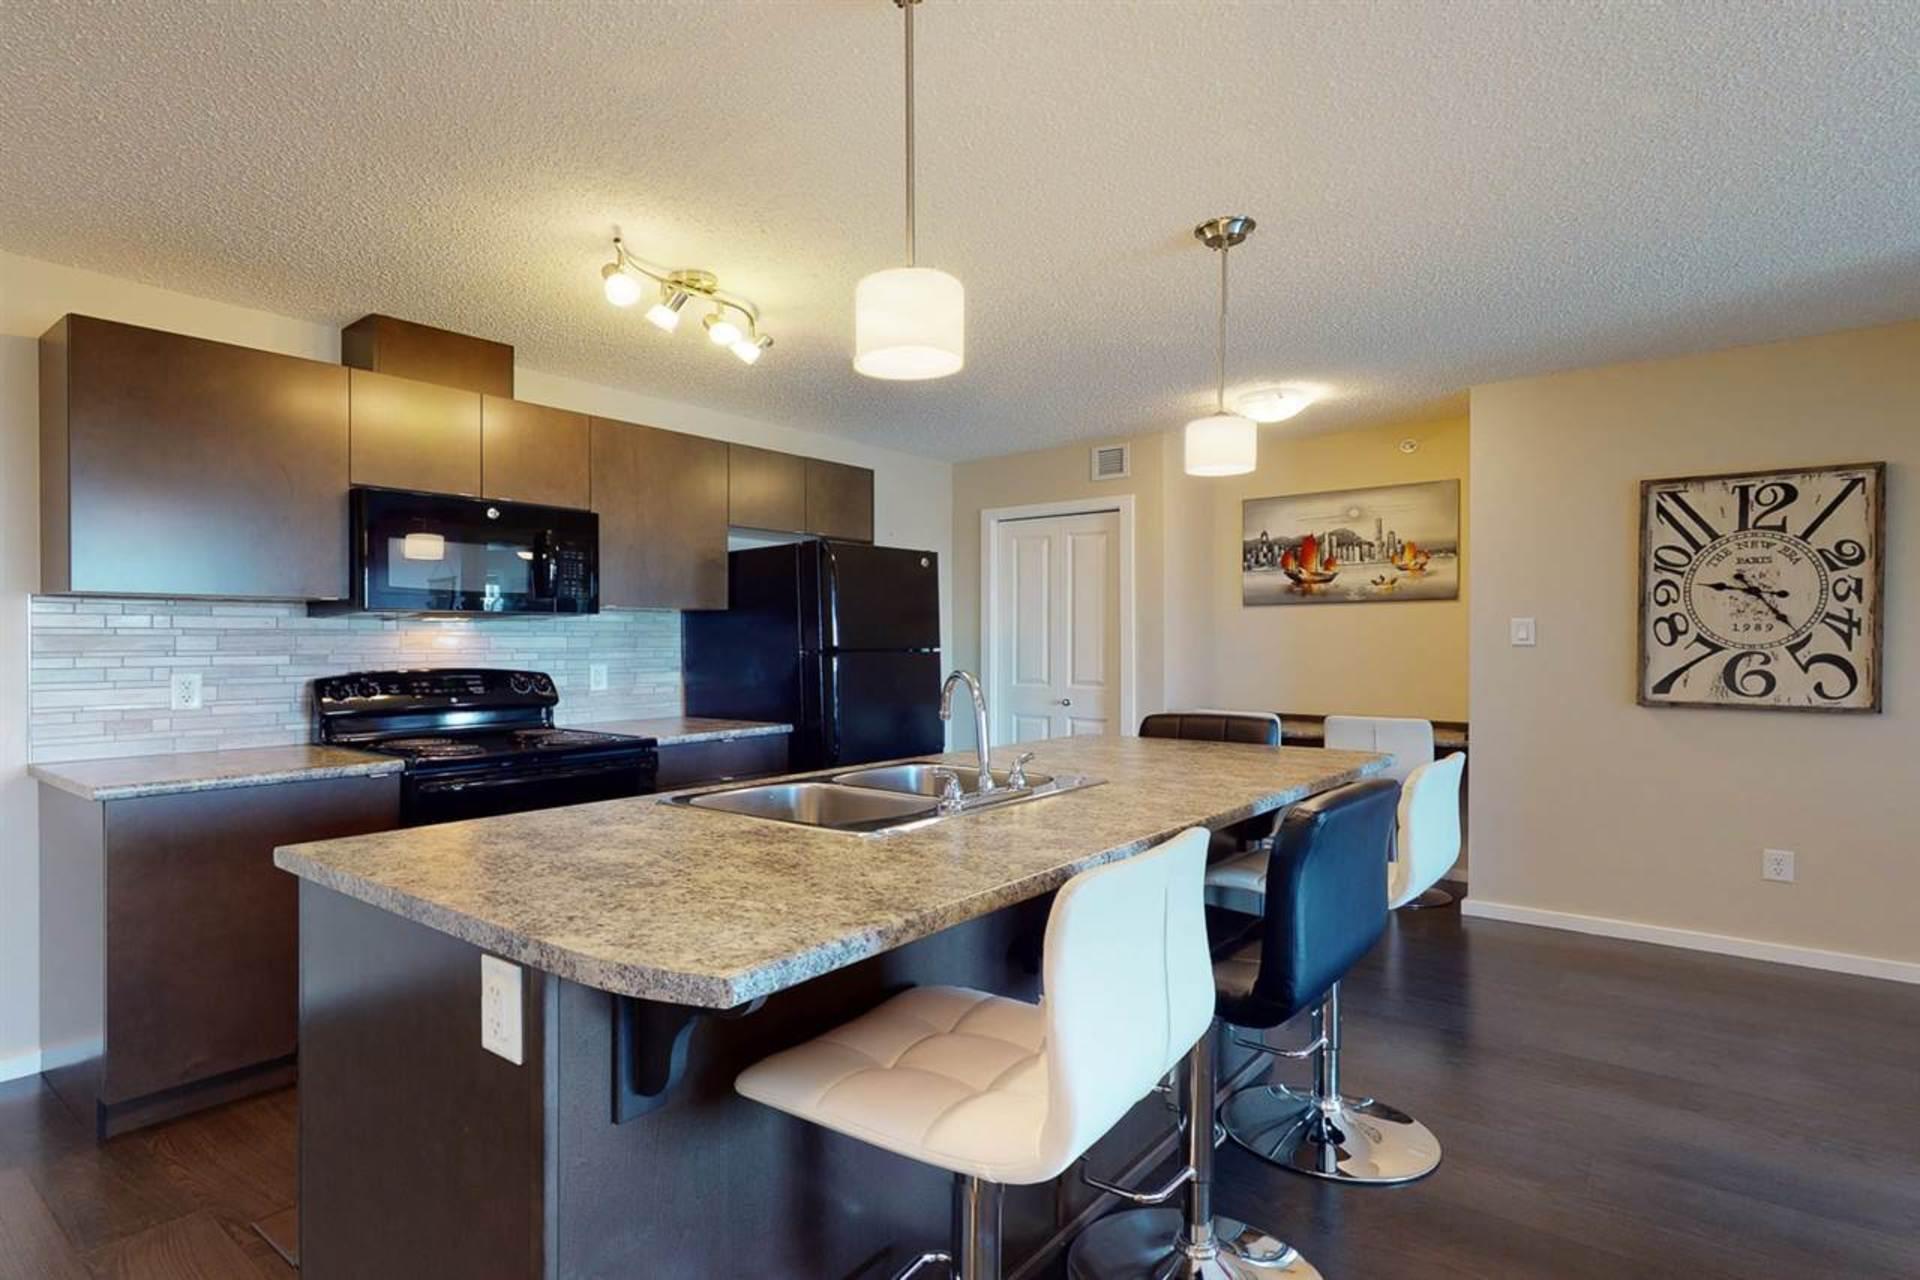 436 - 504 Albany Way, Albany, Edmonton